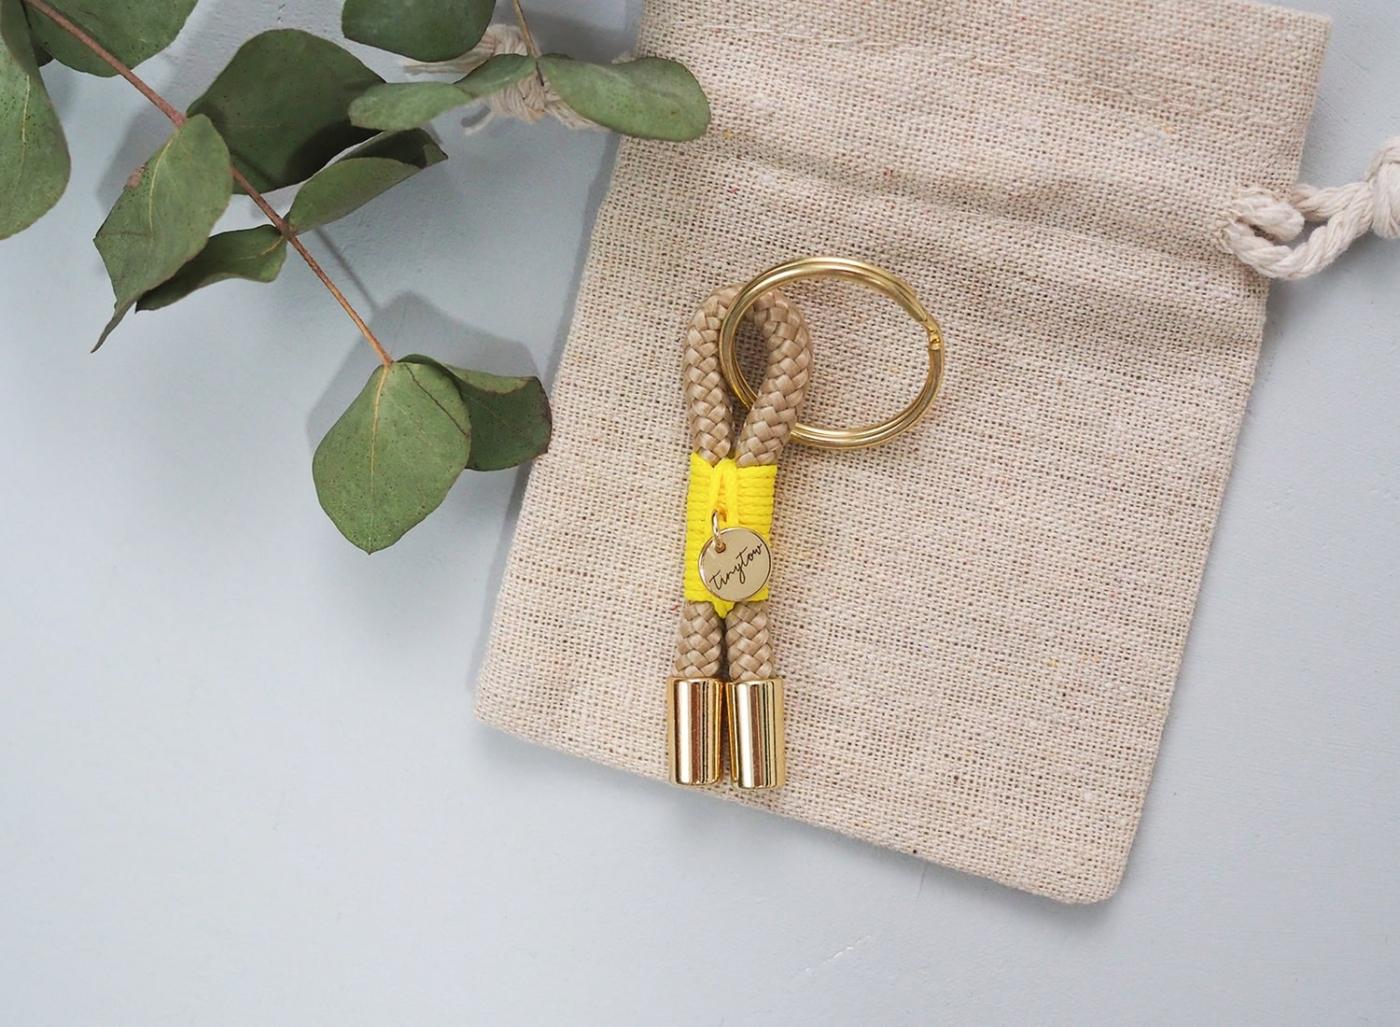 Schlüsselanhänger Towy aus beigefarbenem Tau mit leuchtgelber Takelung, goldenem Schlüsselring und Baumwollsäckchen.